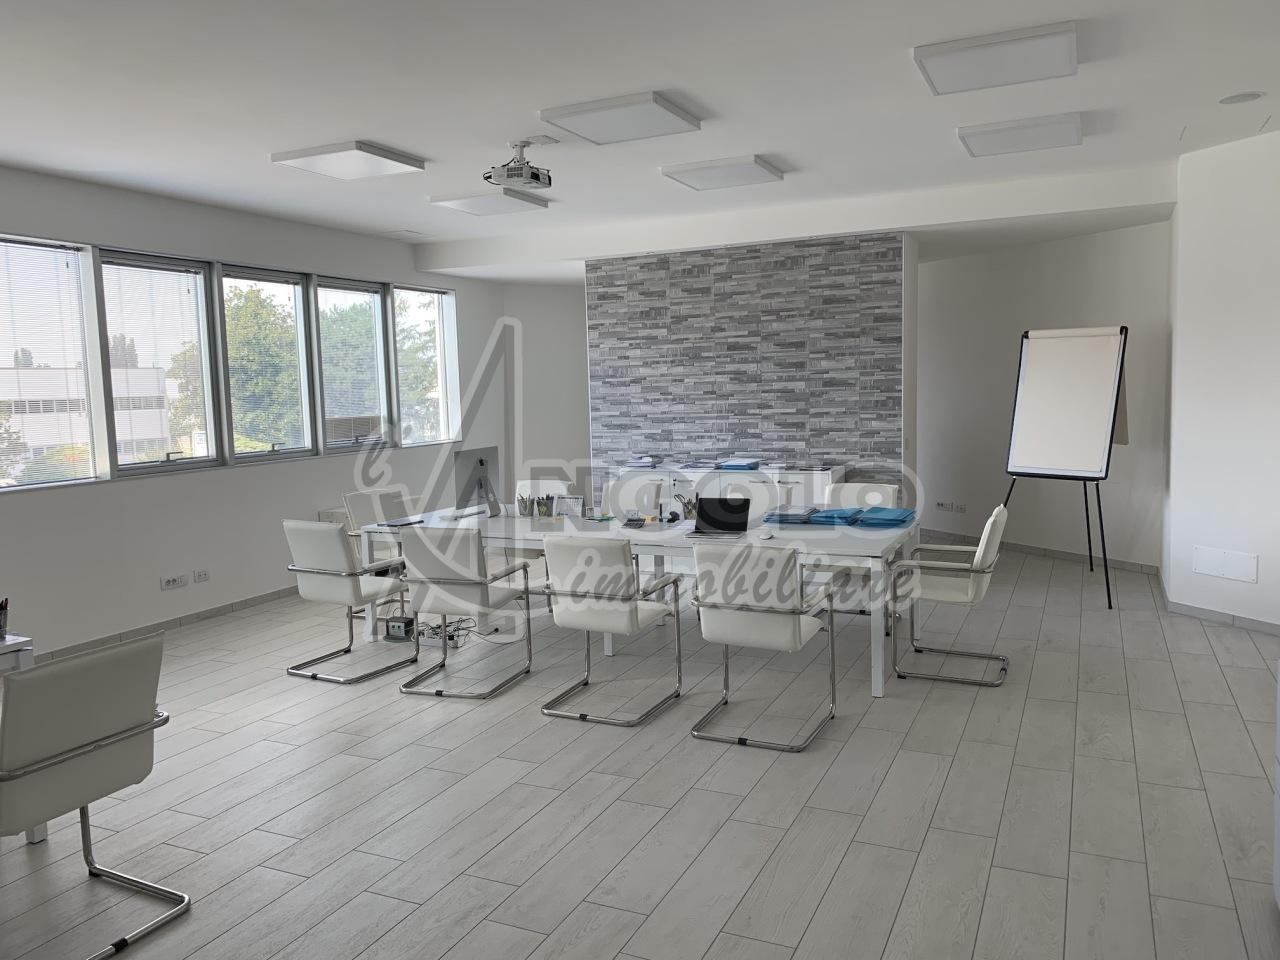 Ufficio / Studio in vendita a Occhiobello, 3 locali, prezzo € 118.000 | CambioCasa.it